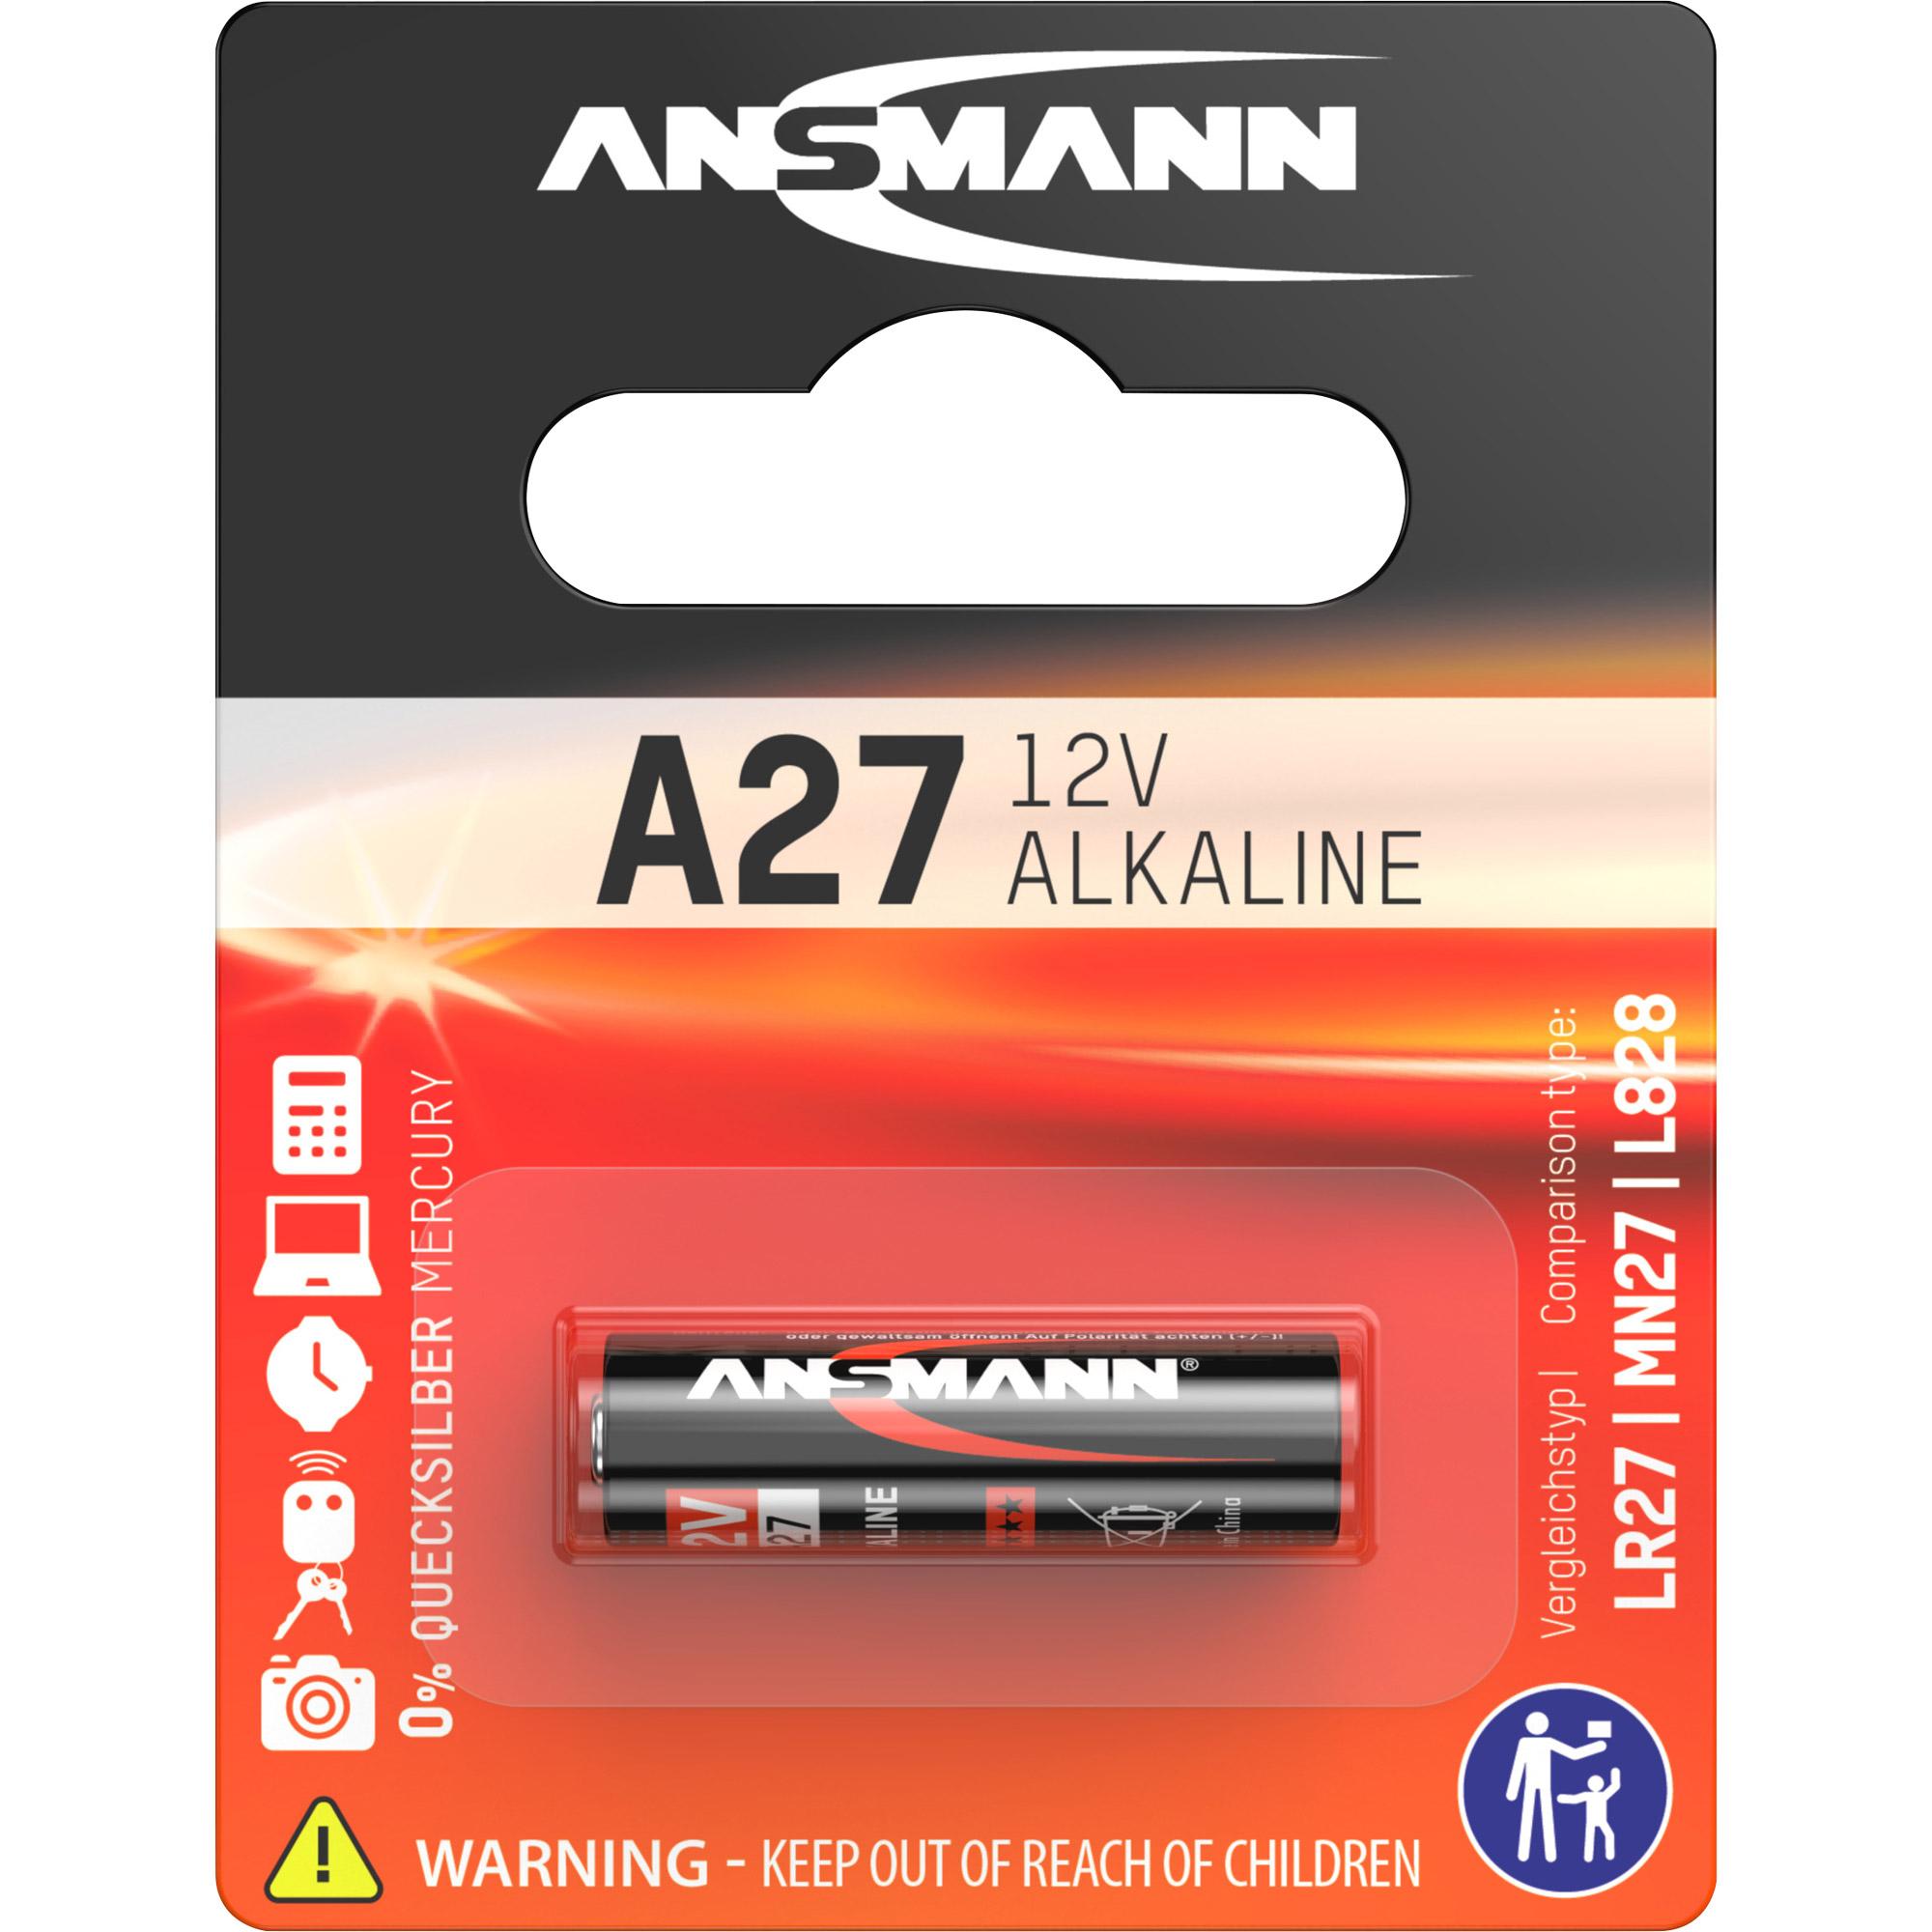 ansmann 1516 0001 alkaline batterie a27 12v batterien. Black Bedroom Furniture Sets. Home Design Ideas